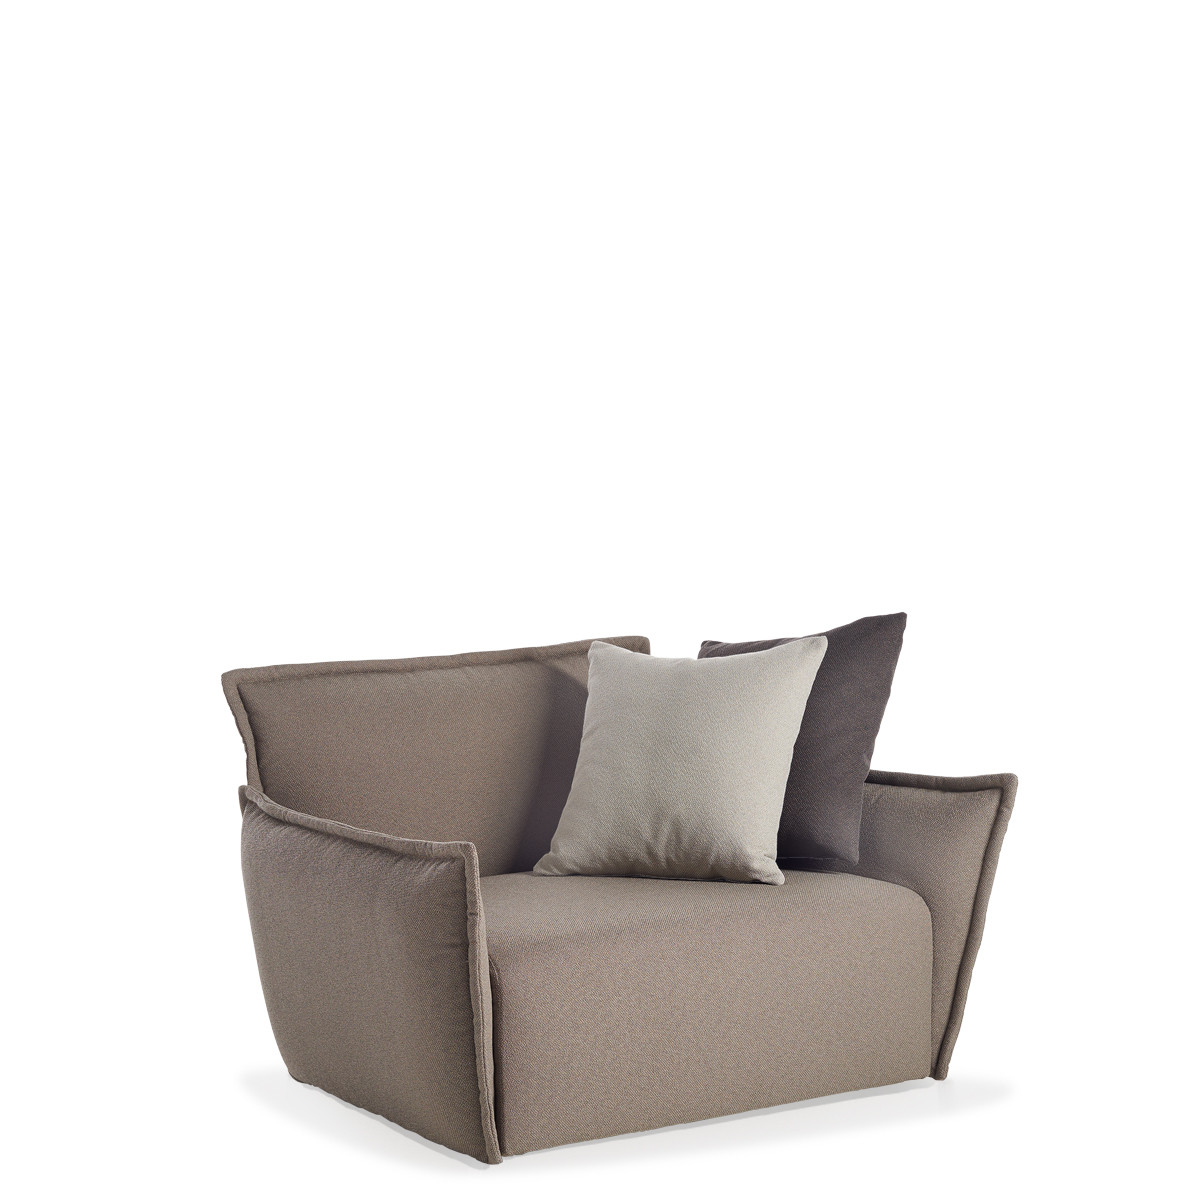 Entdecken Sie bei Conzept Beckord besondere Designmöbel! Hier finden Sie Potocco Sofas und Sessel: Purple hell